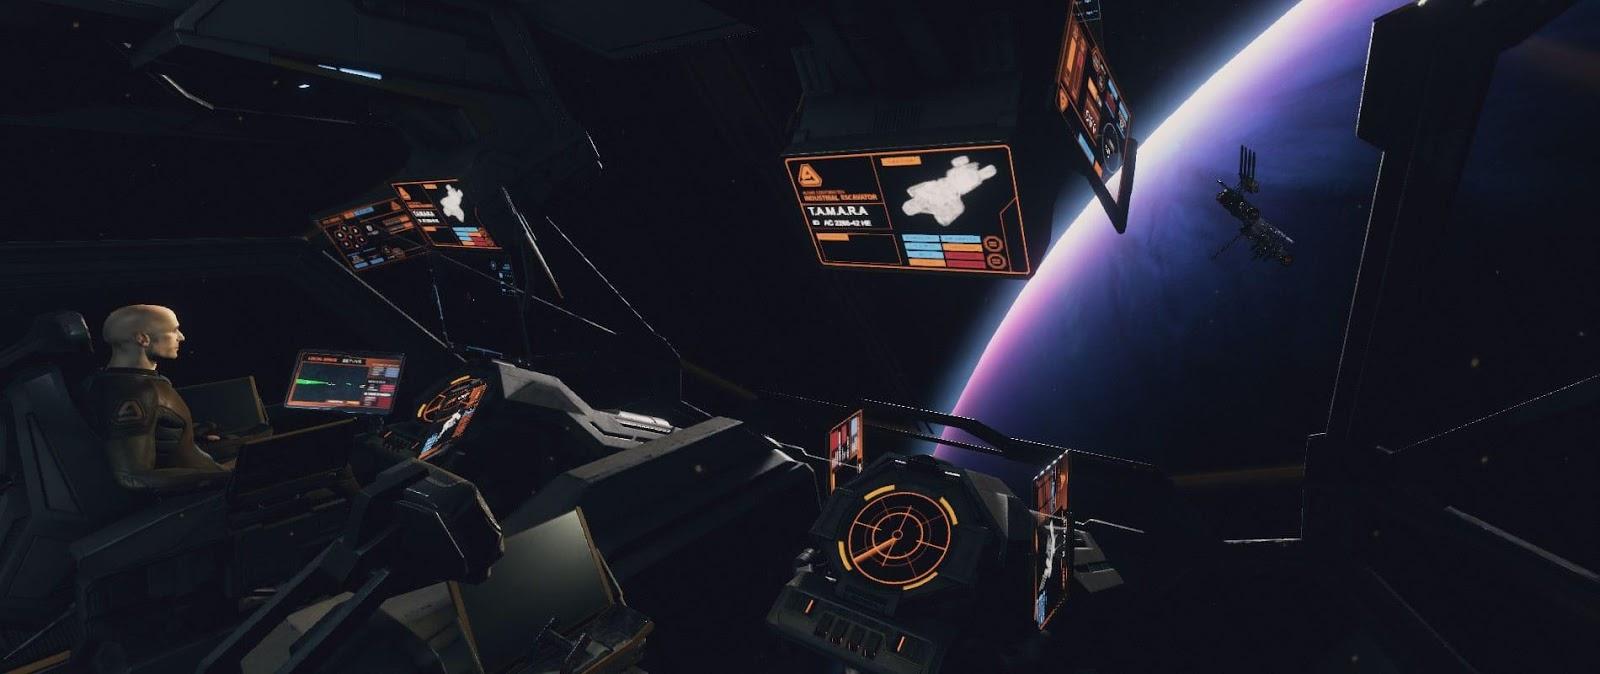 Хостинг игрового сервера в профессиональном центре обработки данных - 11